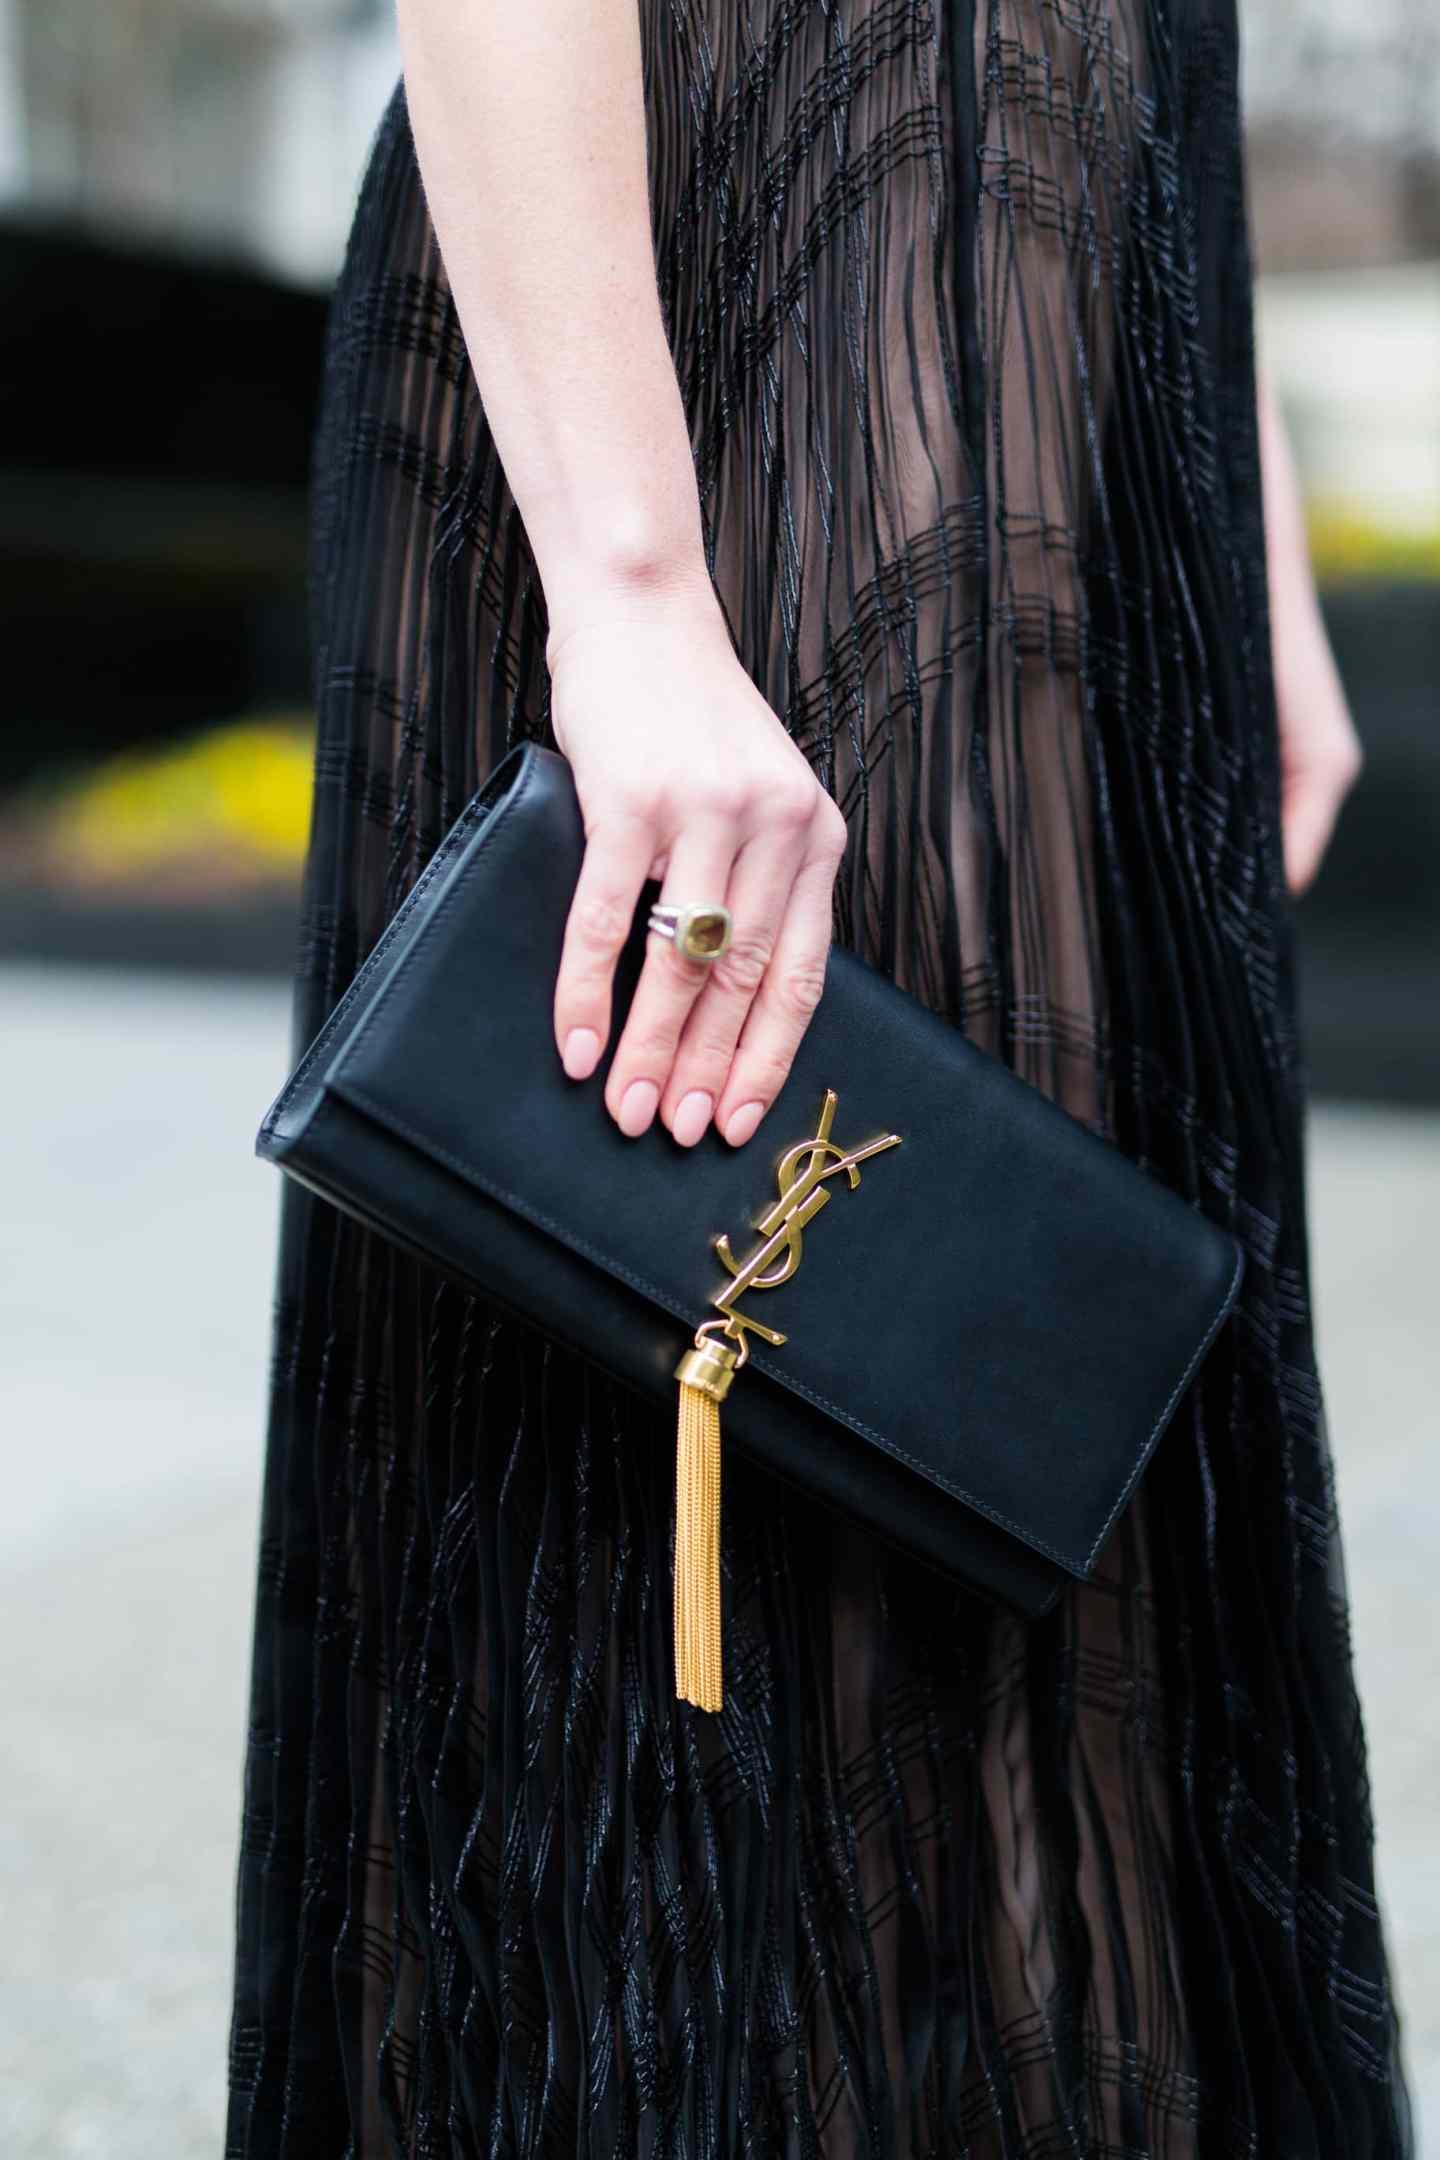 ysl tassel bag dupe. Black clutch with gold tassel.